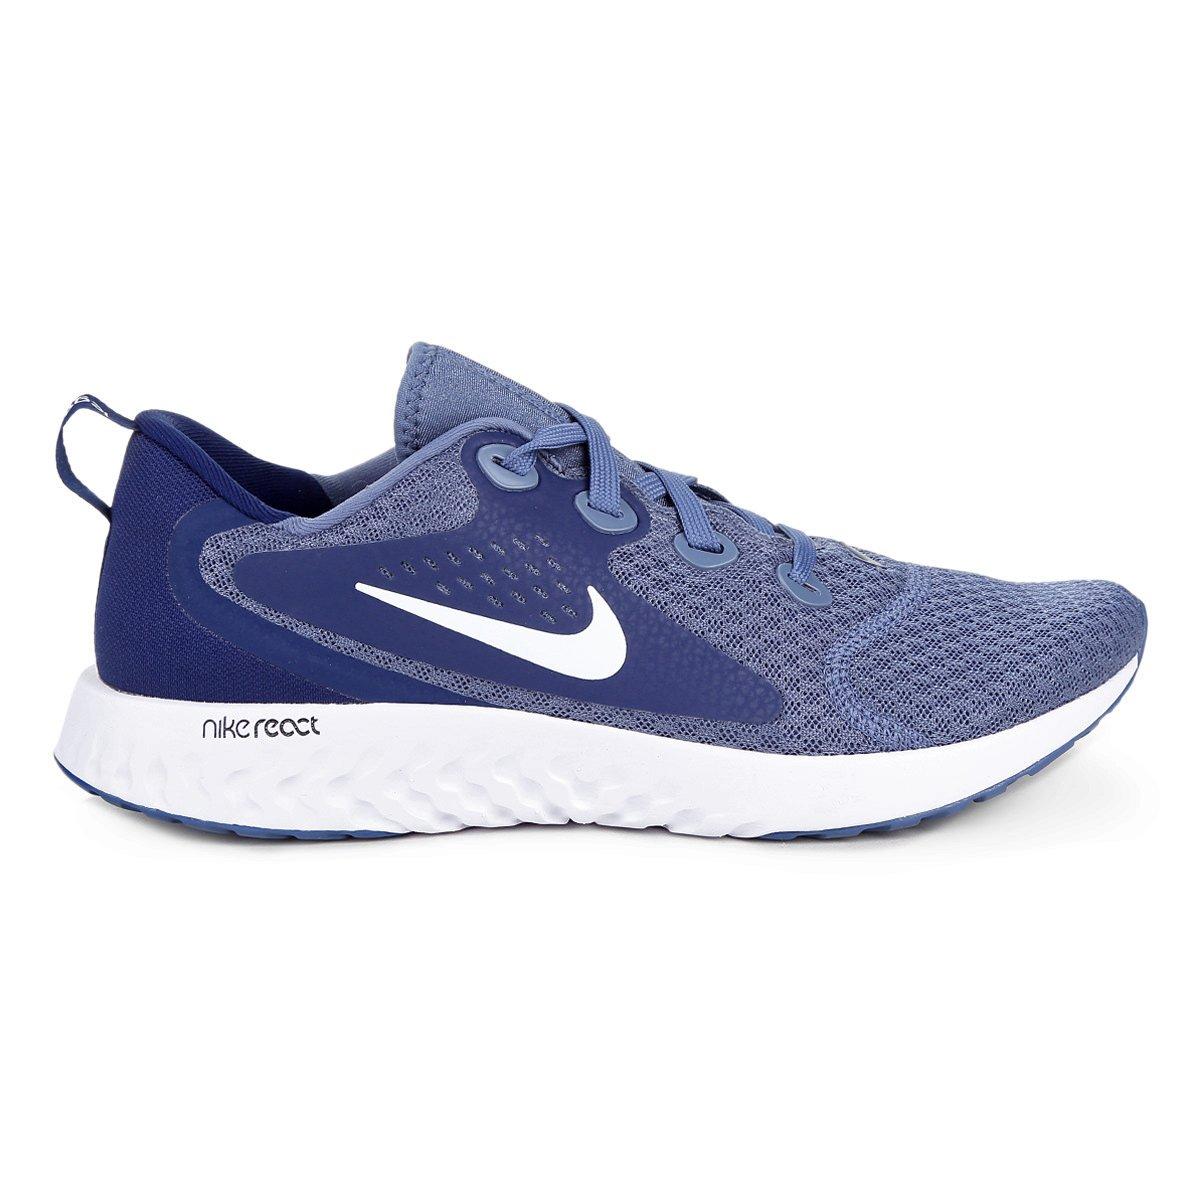 Tênis Nike Legend React Masculino - Azul e Branco - Compre Agora ... e8a163efb3747